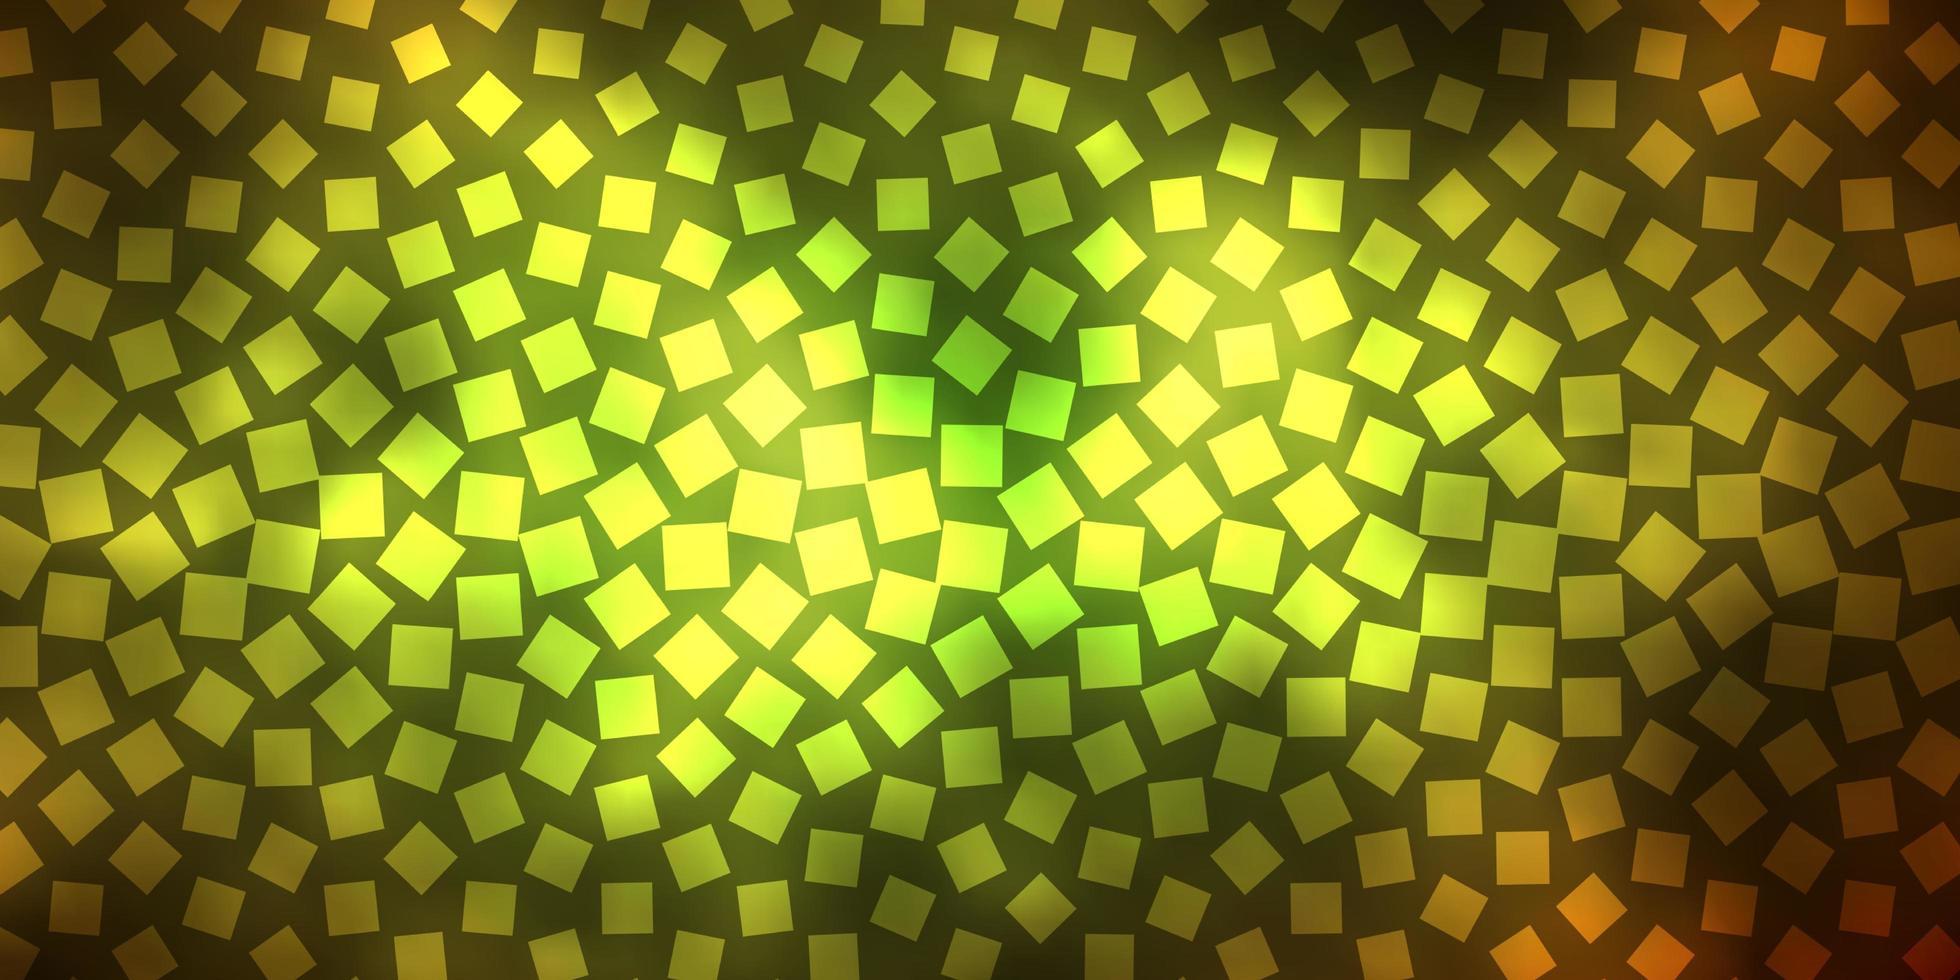 fondo verde oscuro, amarillo con rectángulos. vector